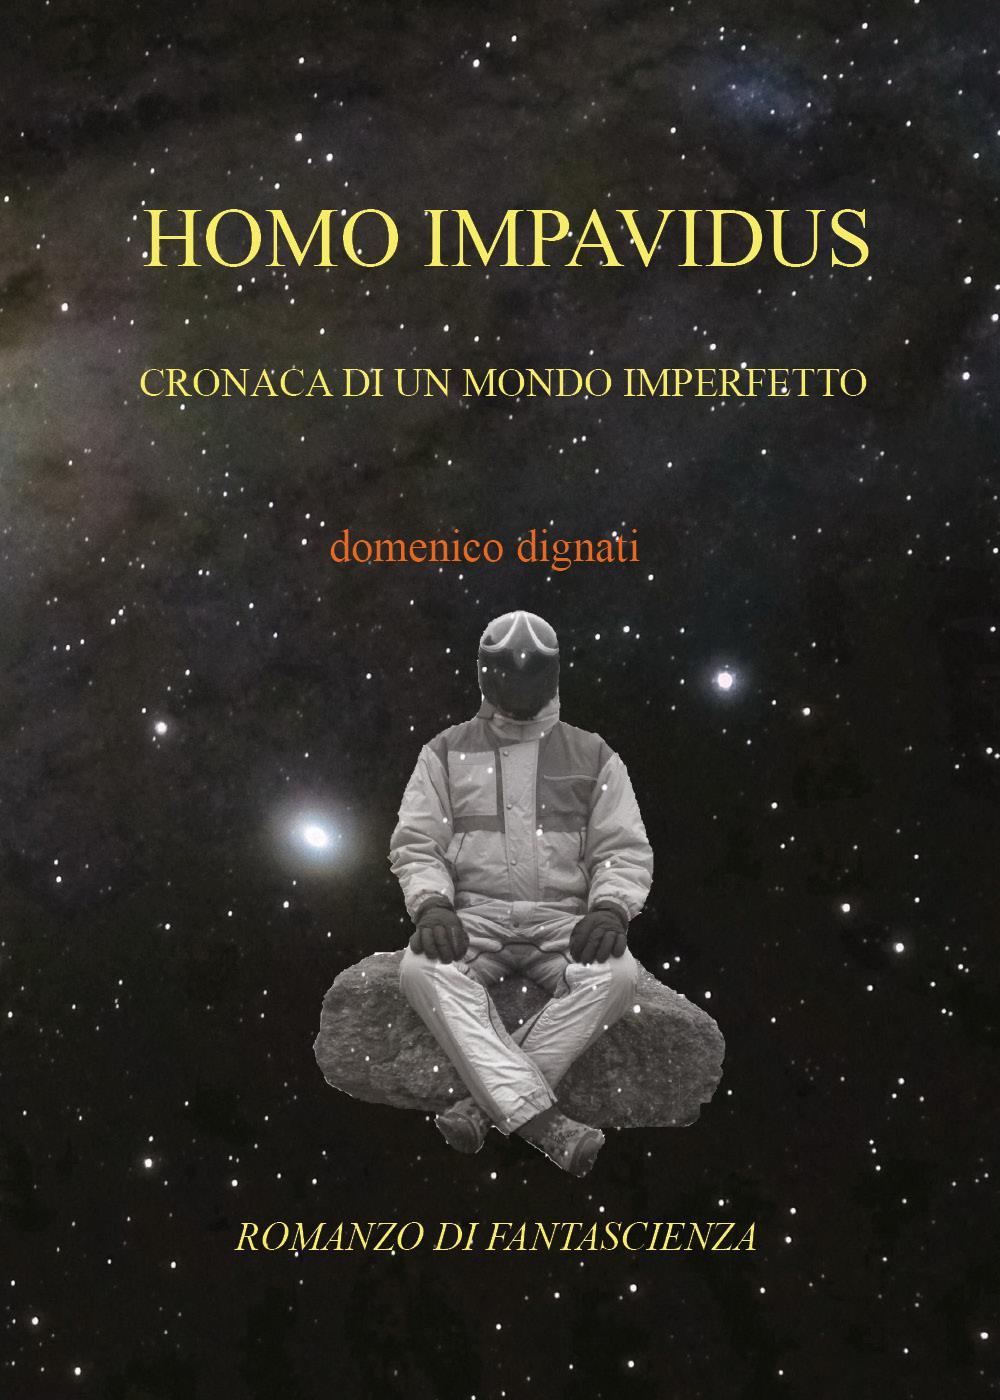 Homo Impavidus